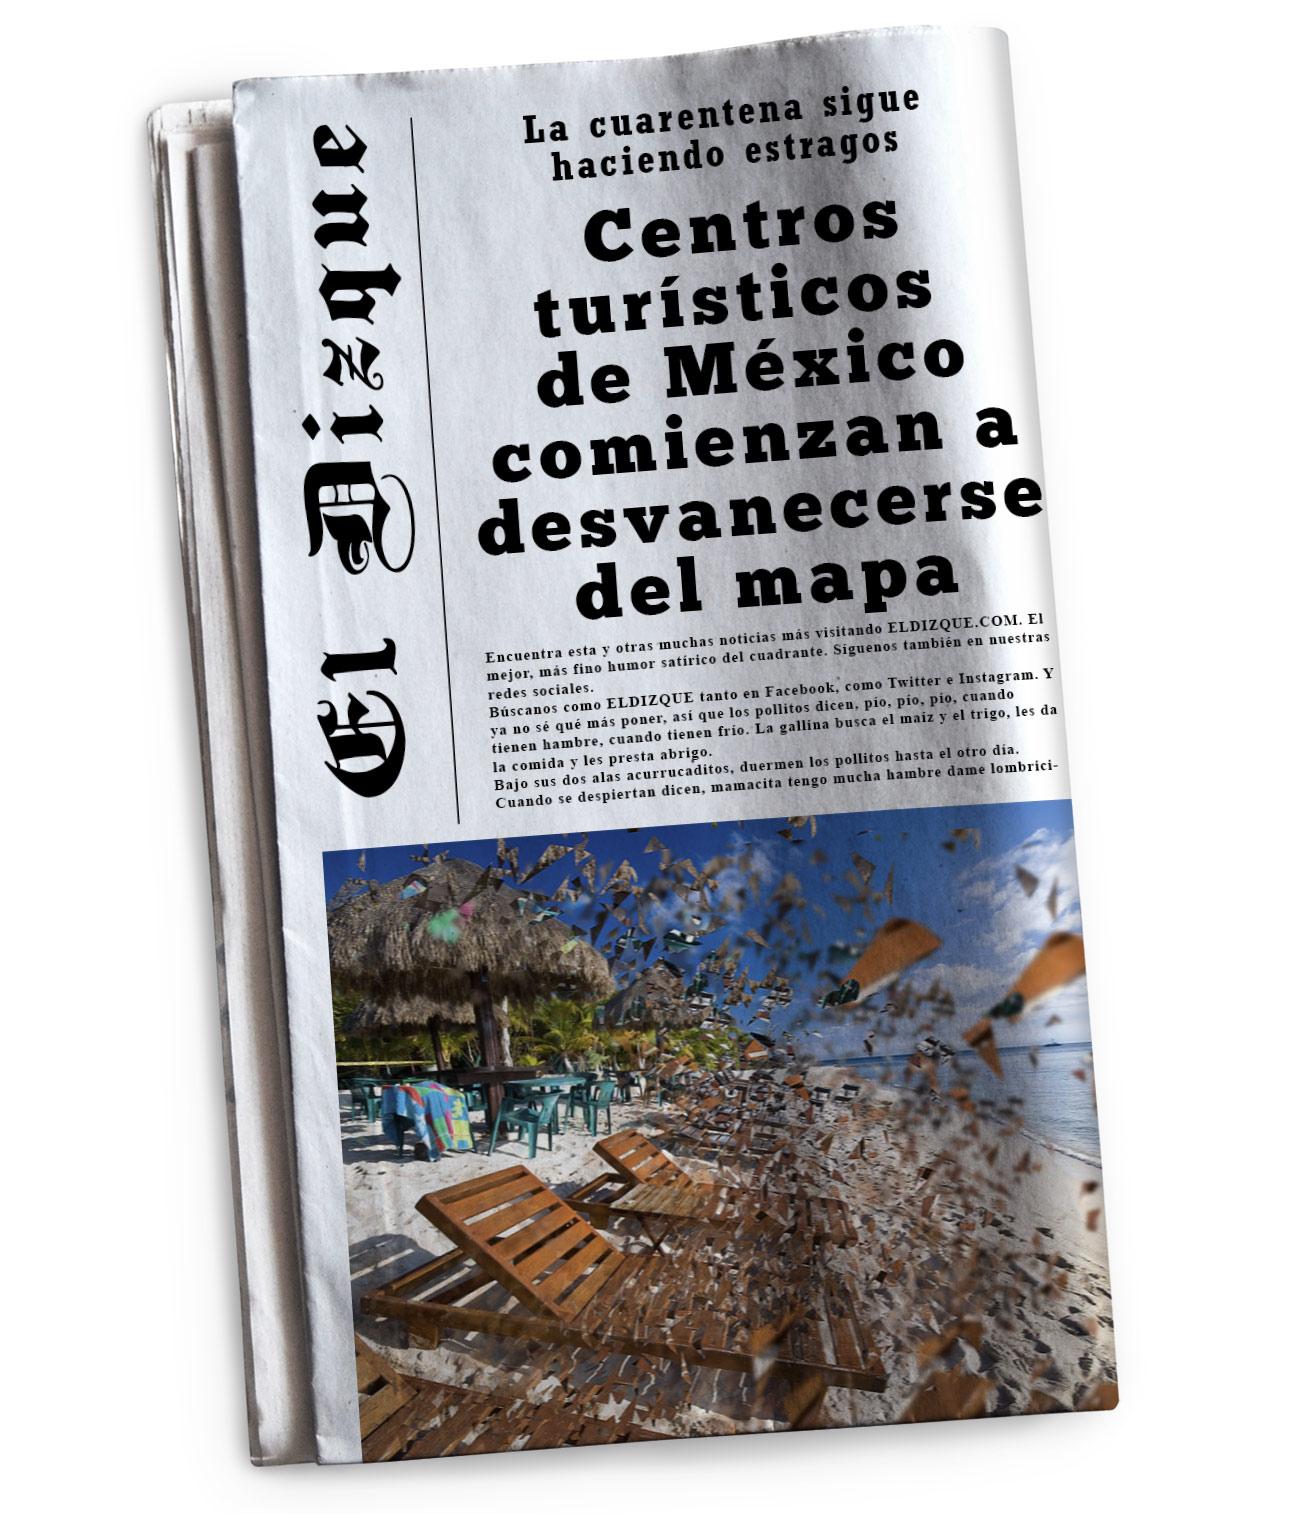 Centros turísticos de México comienzan a desvanecerse del mapa